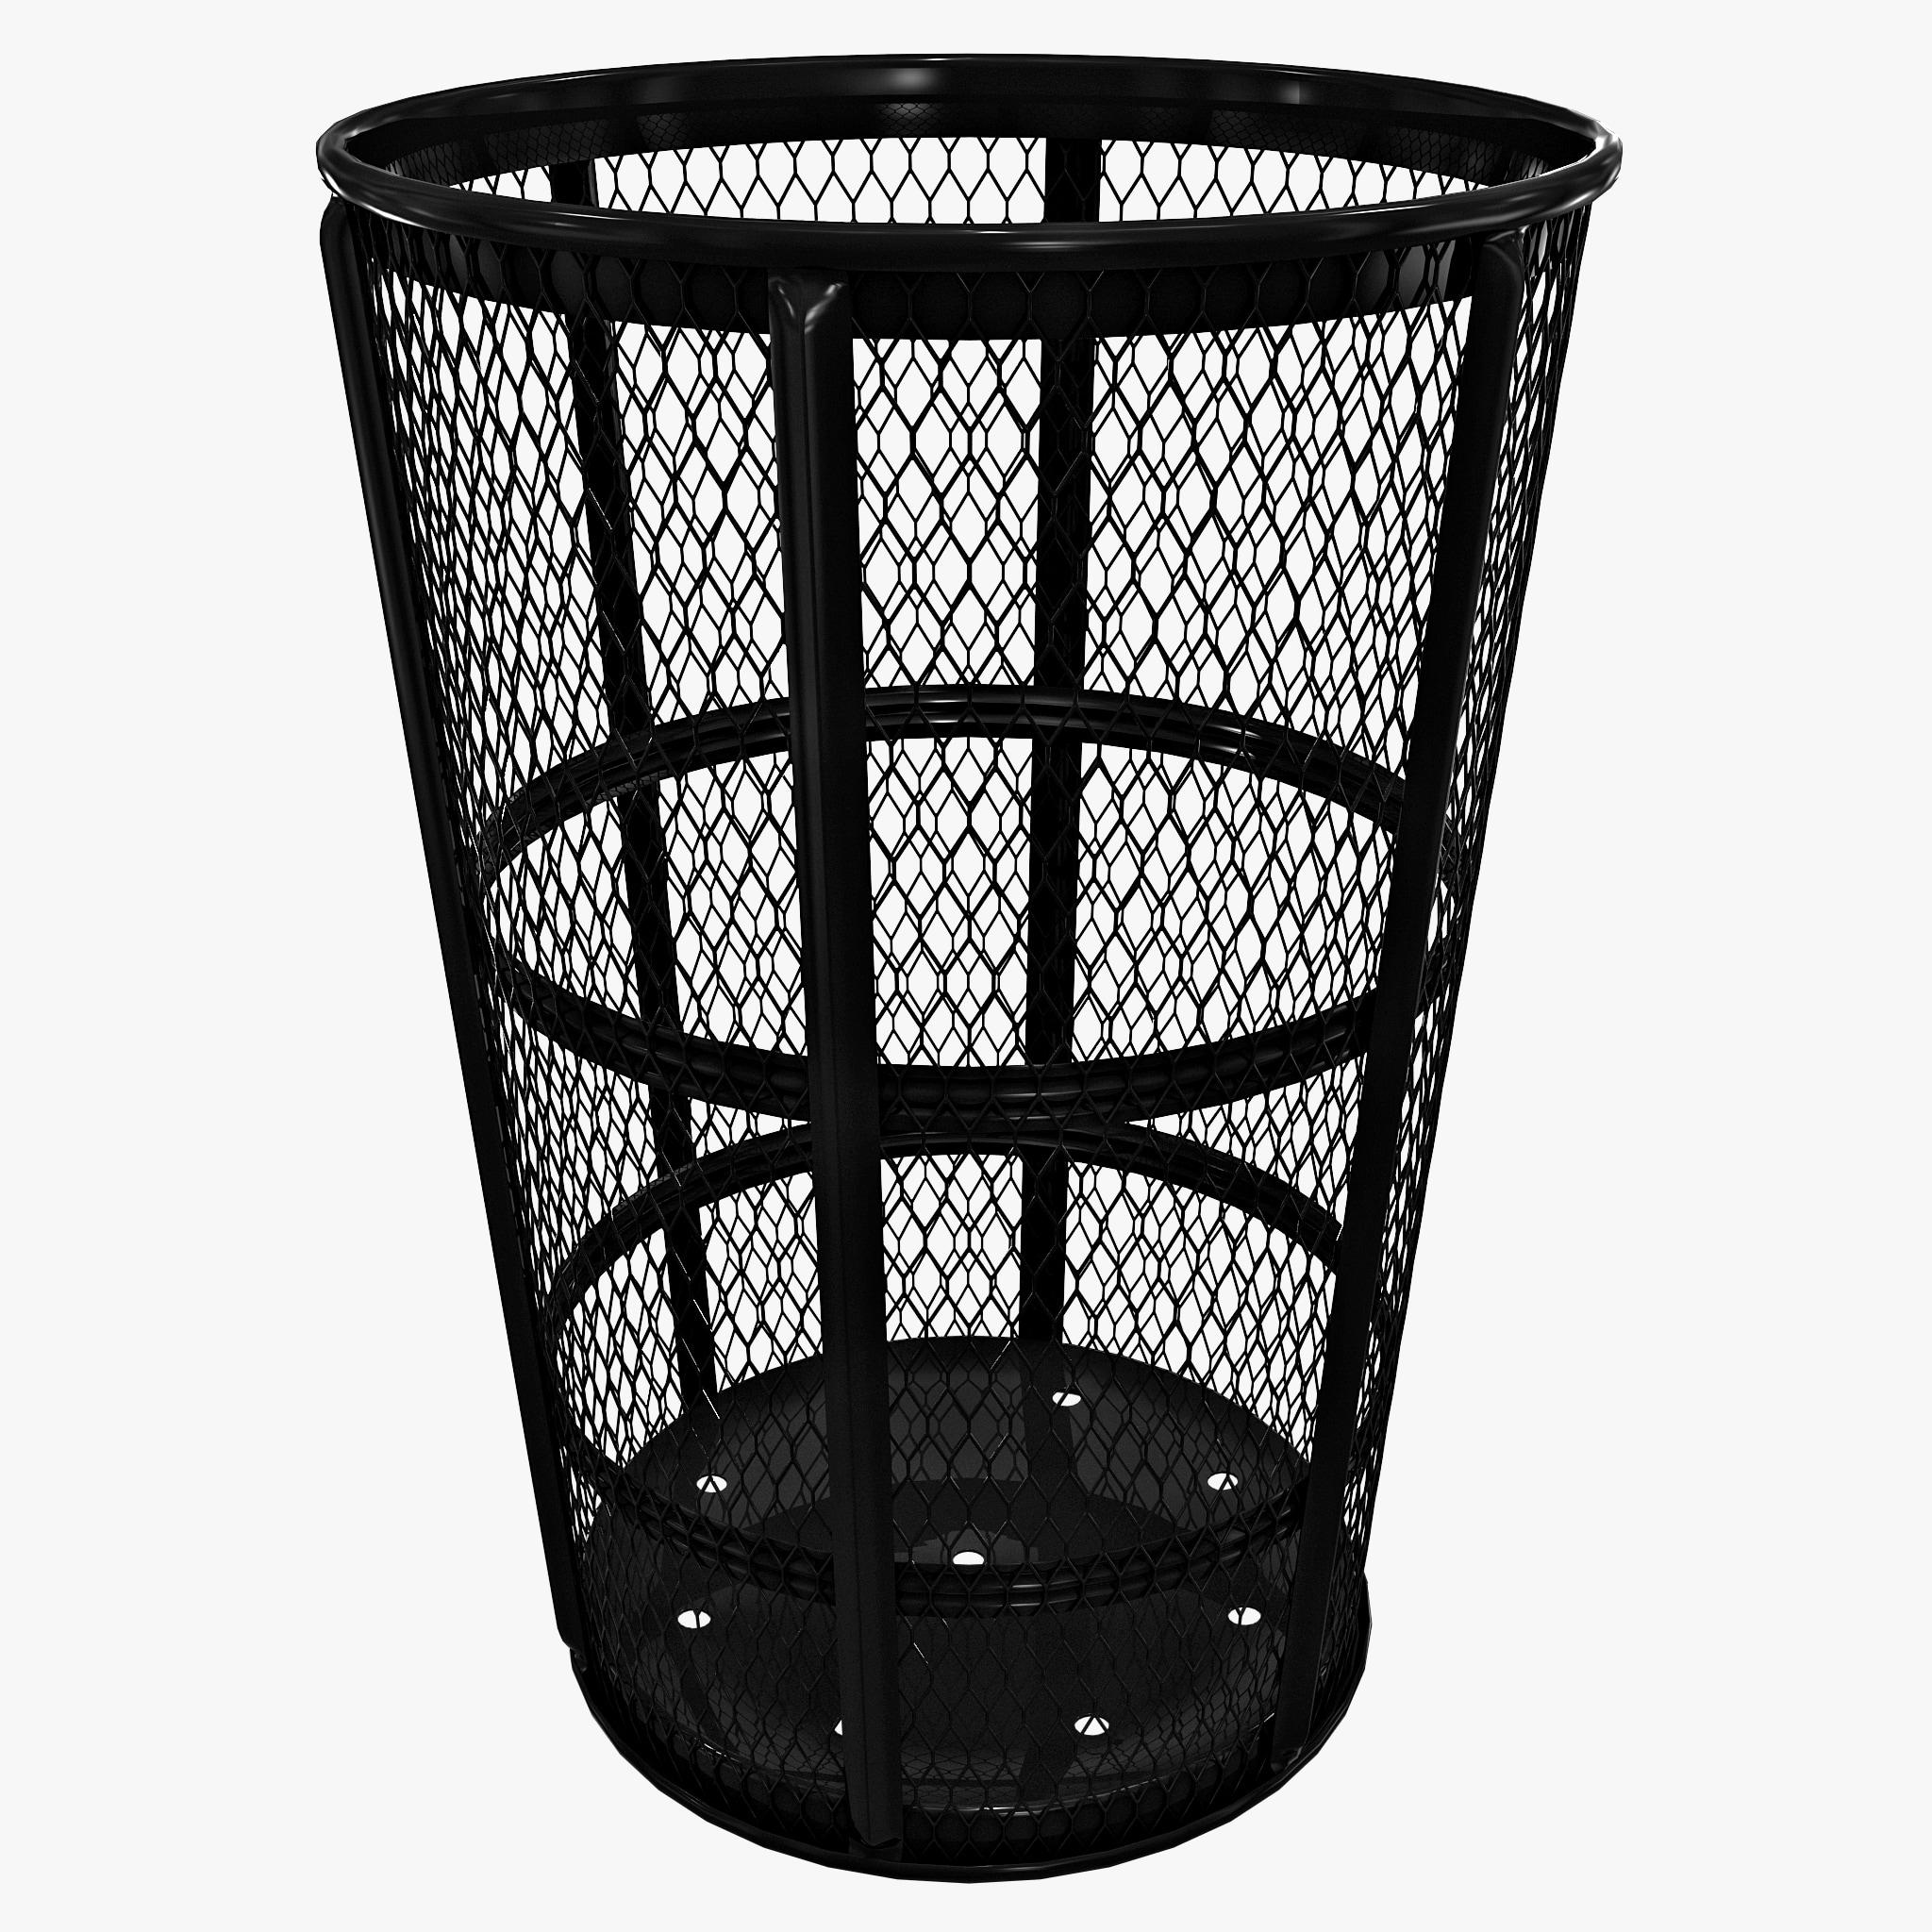 Street Basket Waste Receptacle_145.jpg